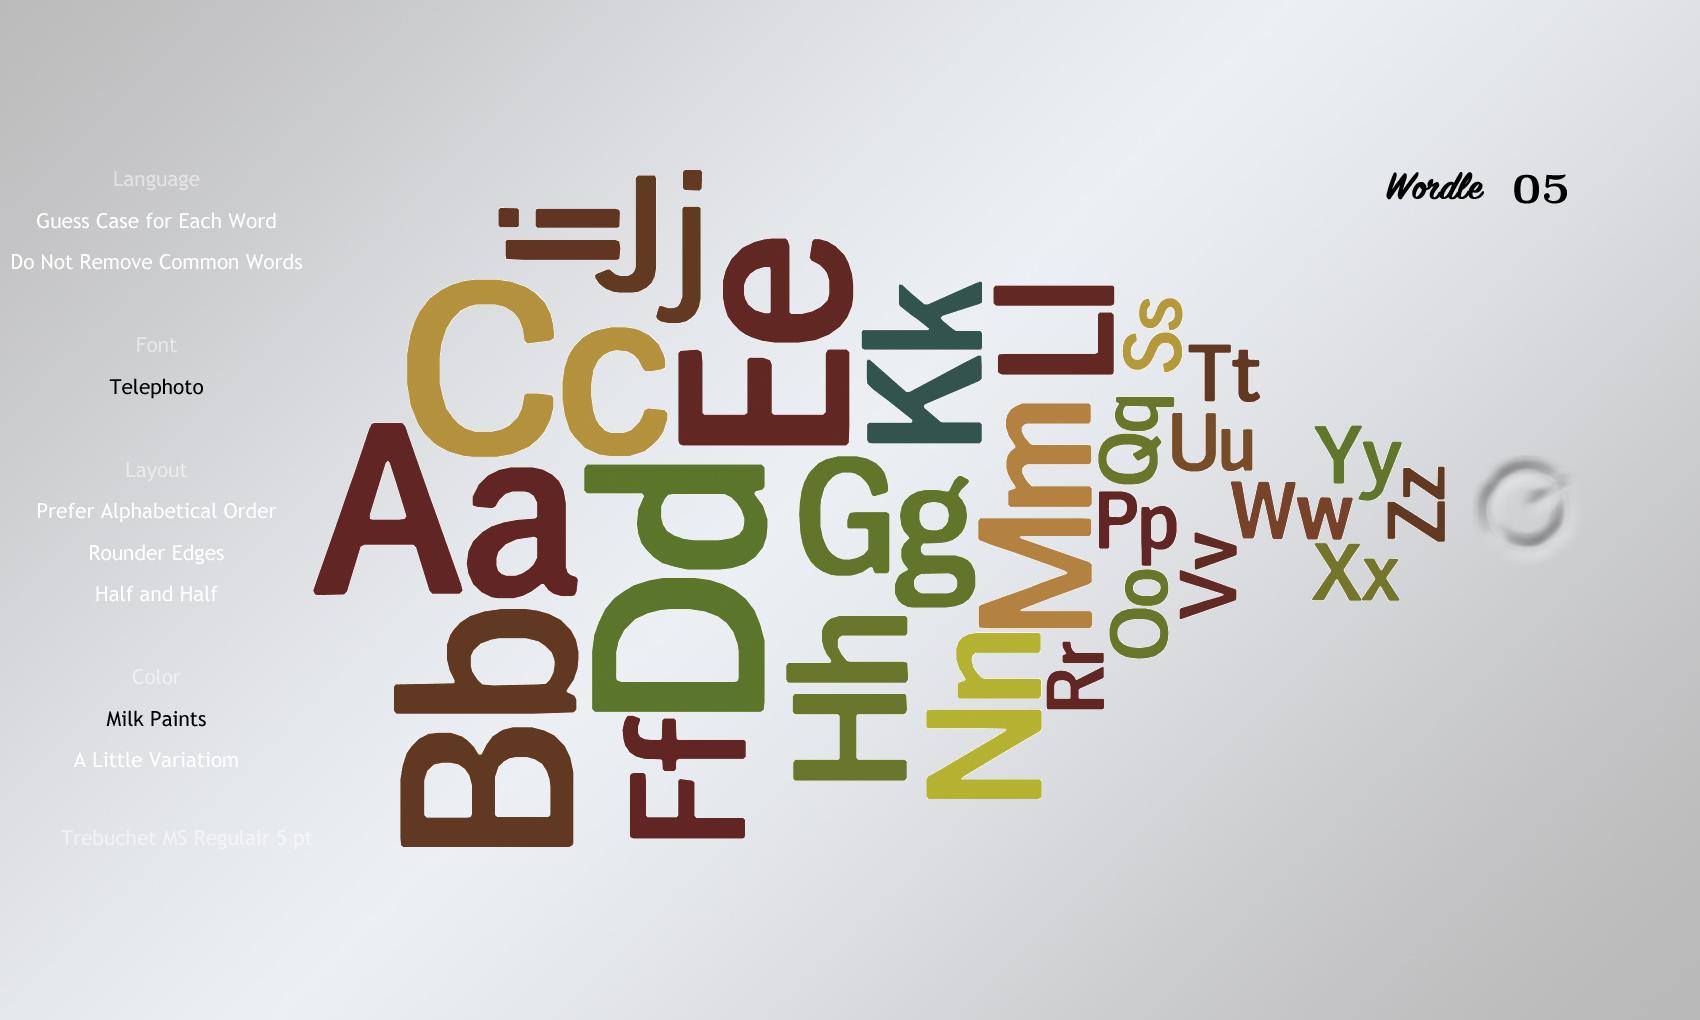 Wordle 05 Telephoto